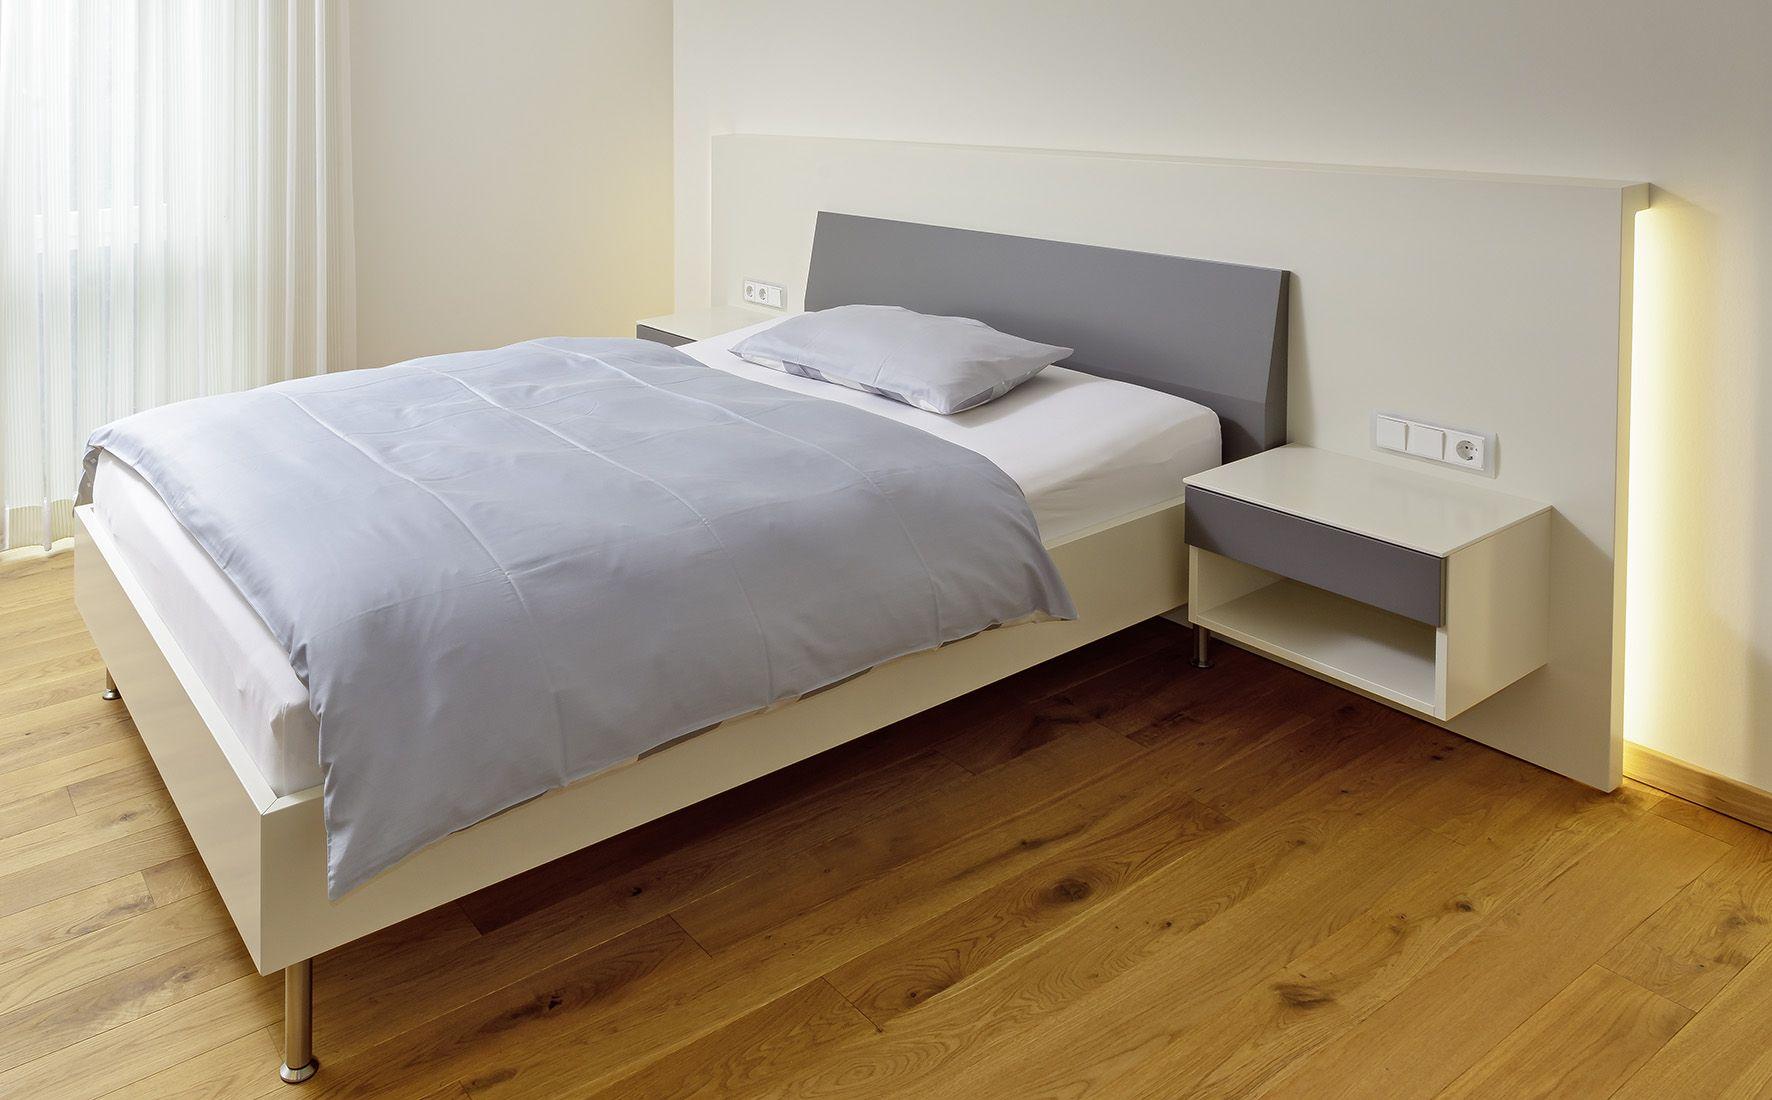 Bett Mit Kopfteil Und Beleuchtung Wohnen Mobel Nach Mass Hintergrundbeleuchtung